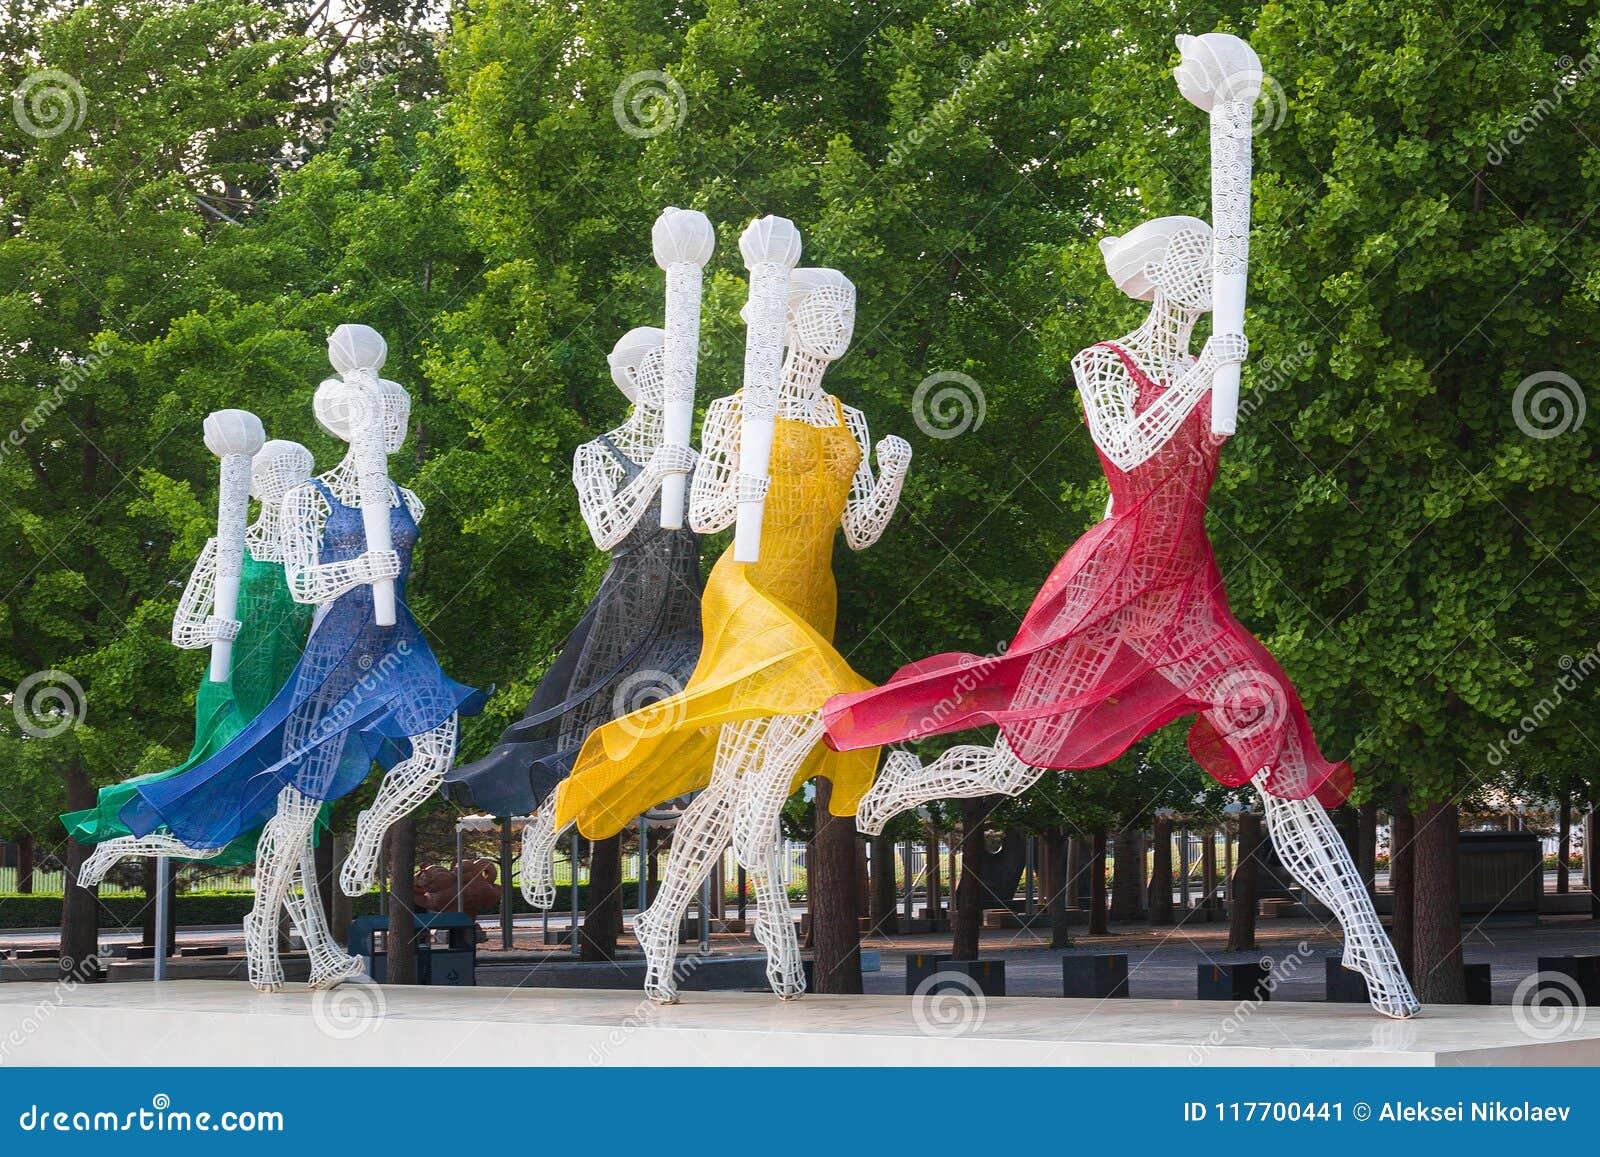 Скульптура идущих женщин с олимпийскими факелами